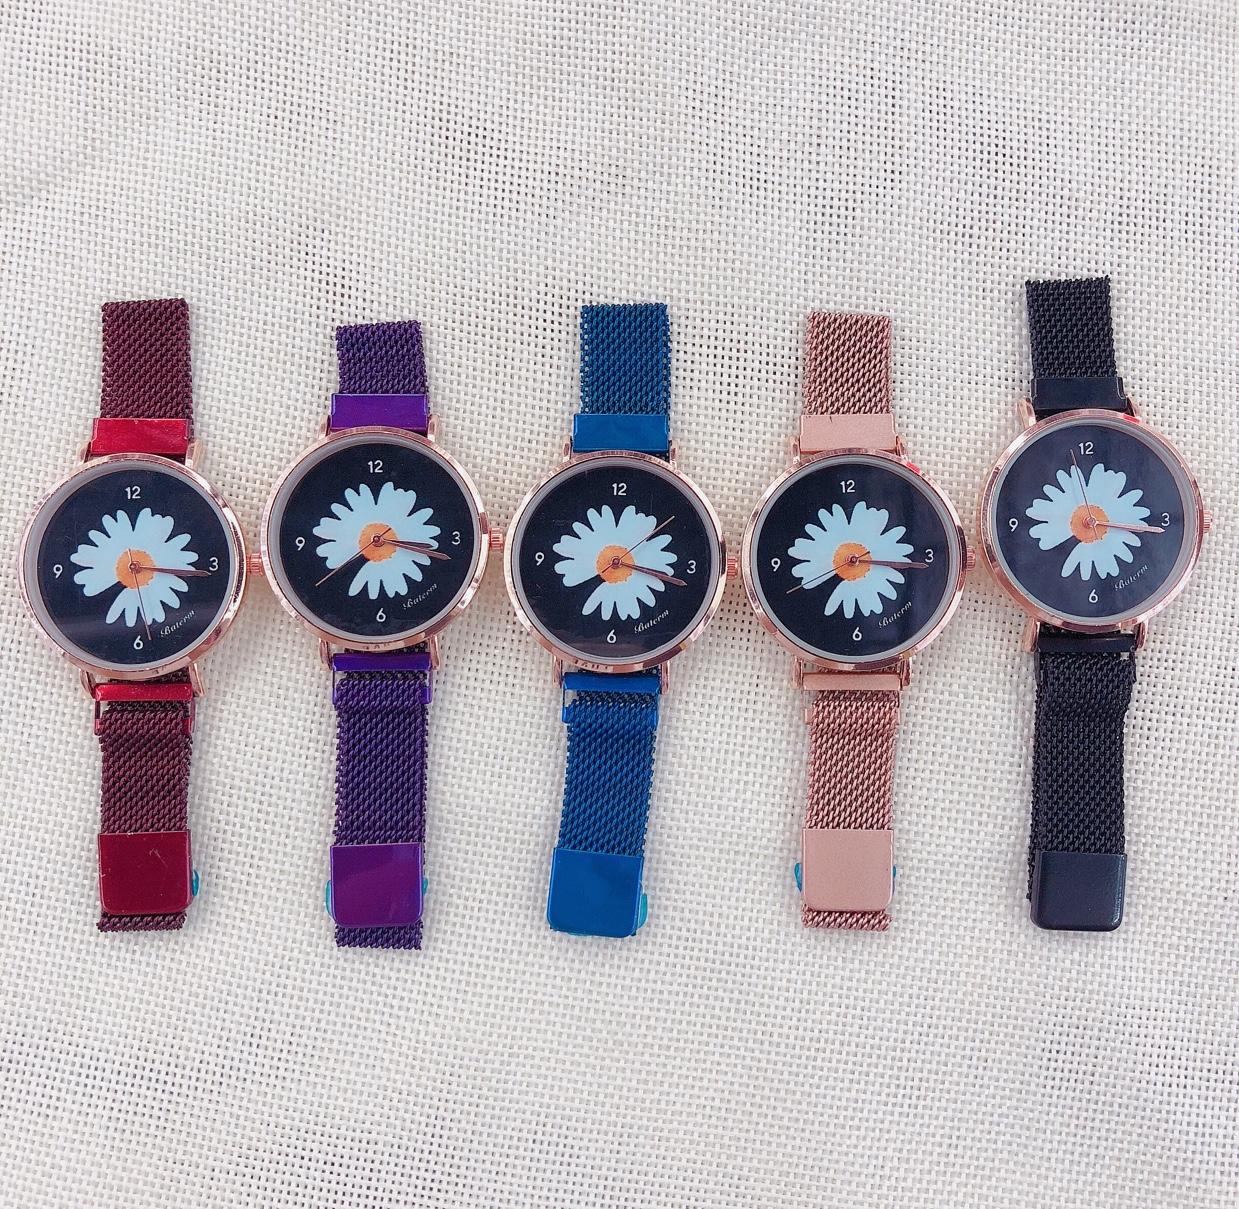 网红款小雏菊懒人磁吸表带女士手表 小雏菊学生手表